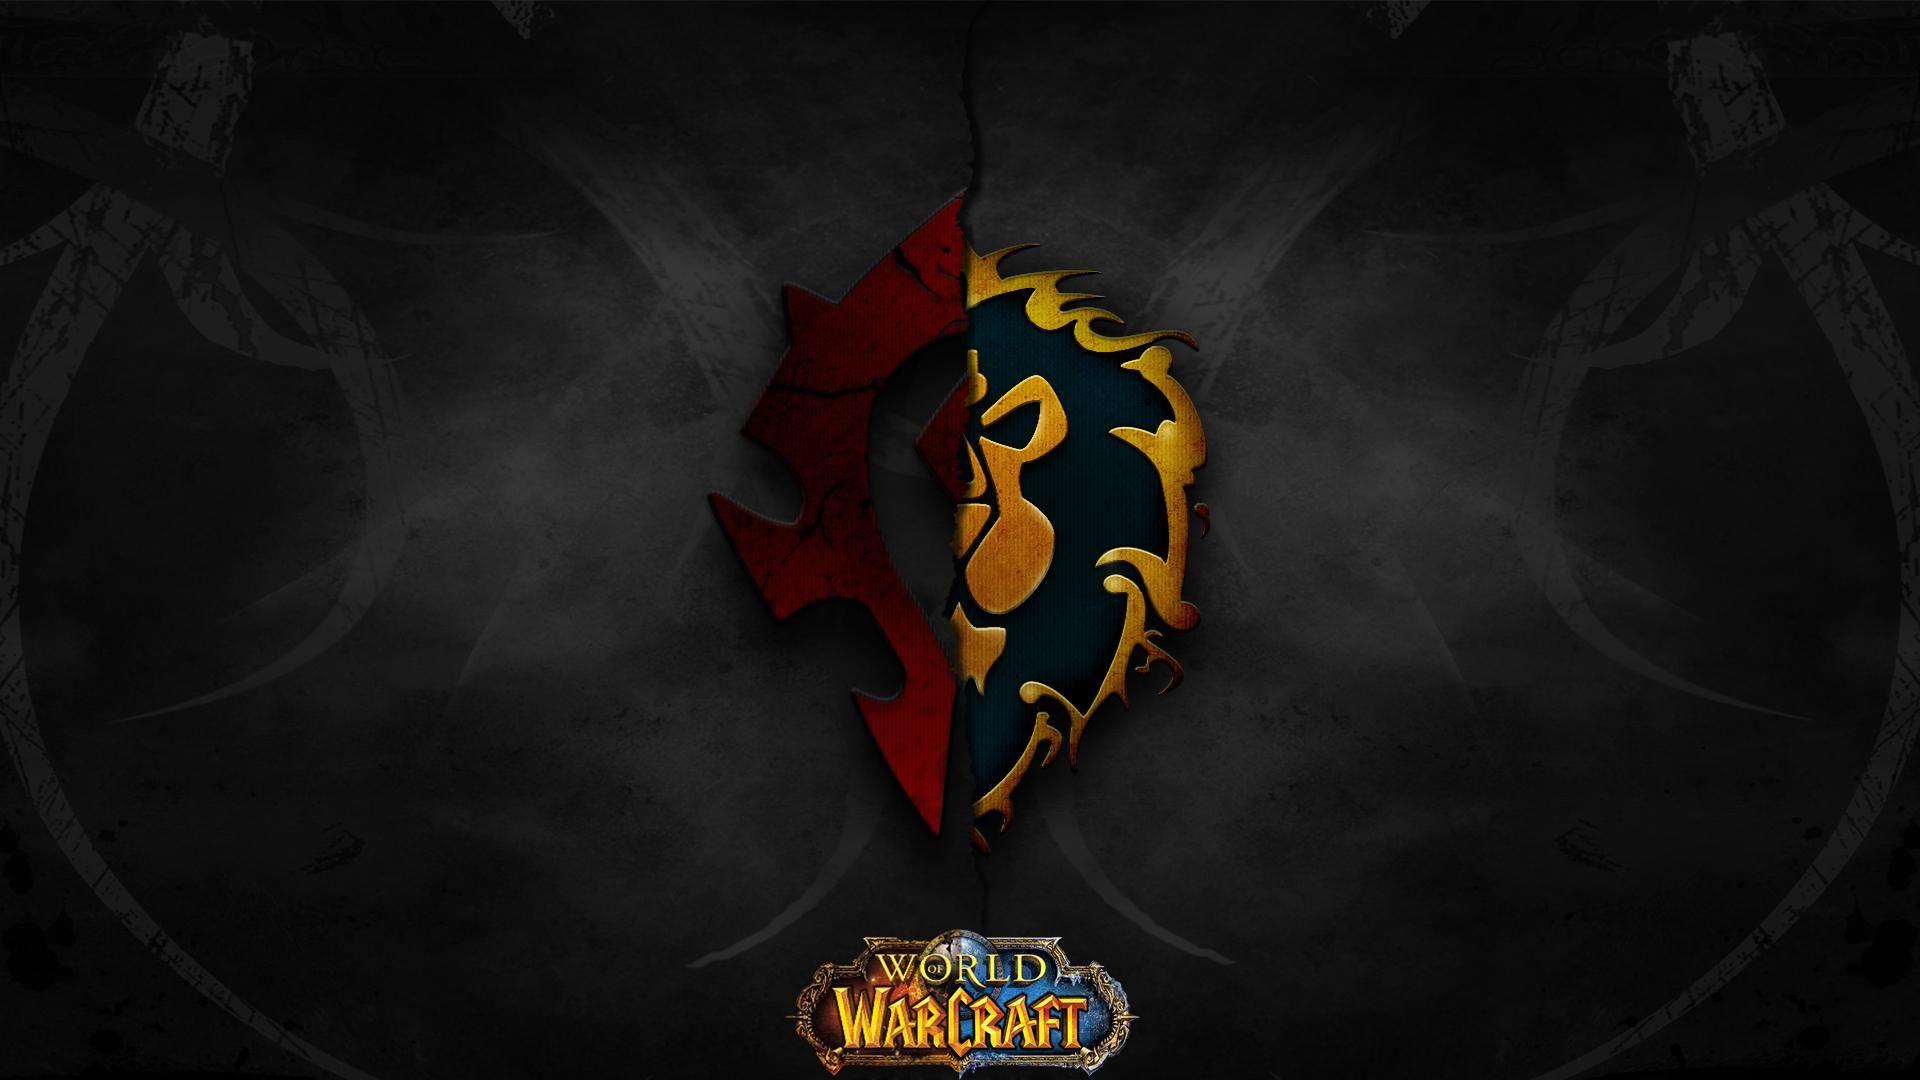 World Of Warcraft Alliance Vs Horde Hd Images Wallpaper Wallpaper 1920 1080 World Of Warcraft Alliance W World Of Warcraft Wallpaper World Of Warcraft Warcraft